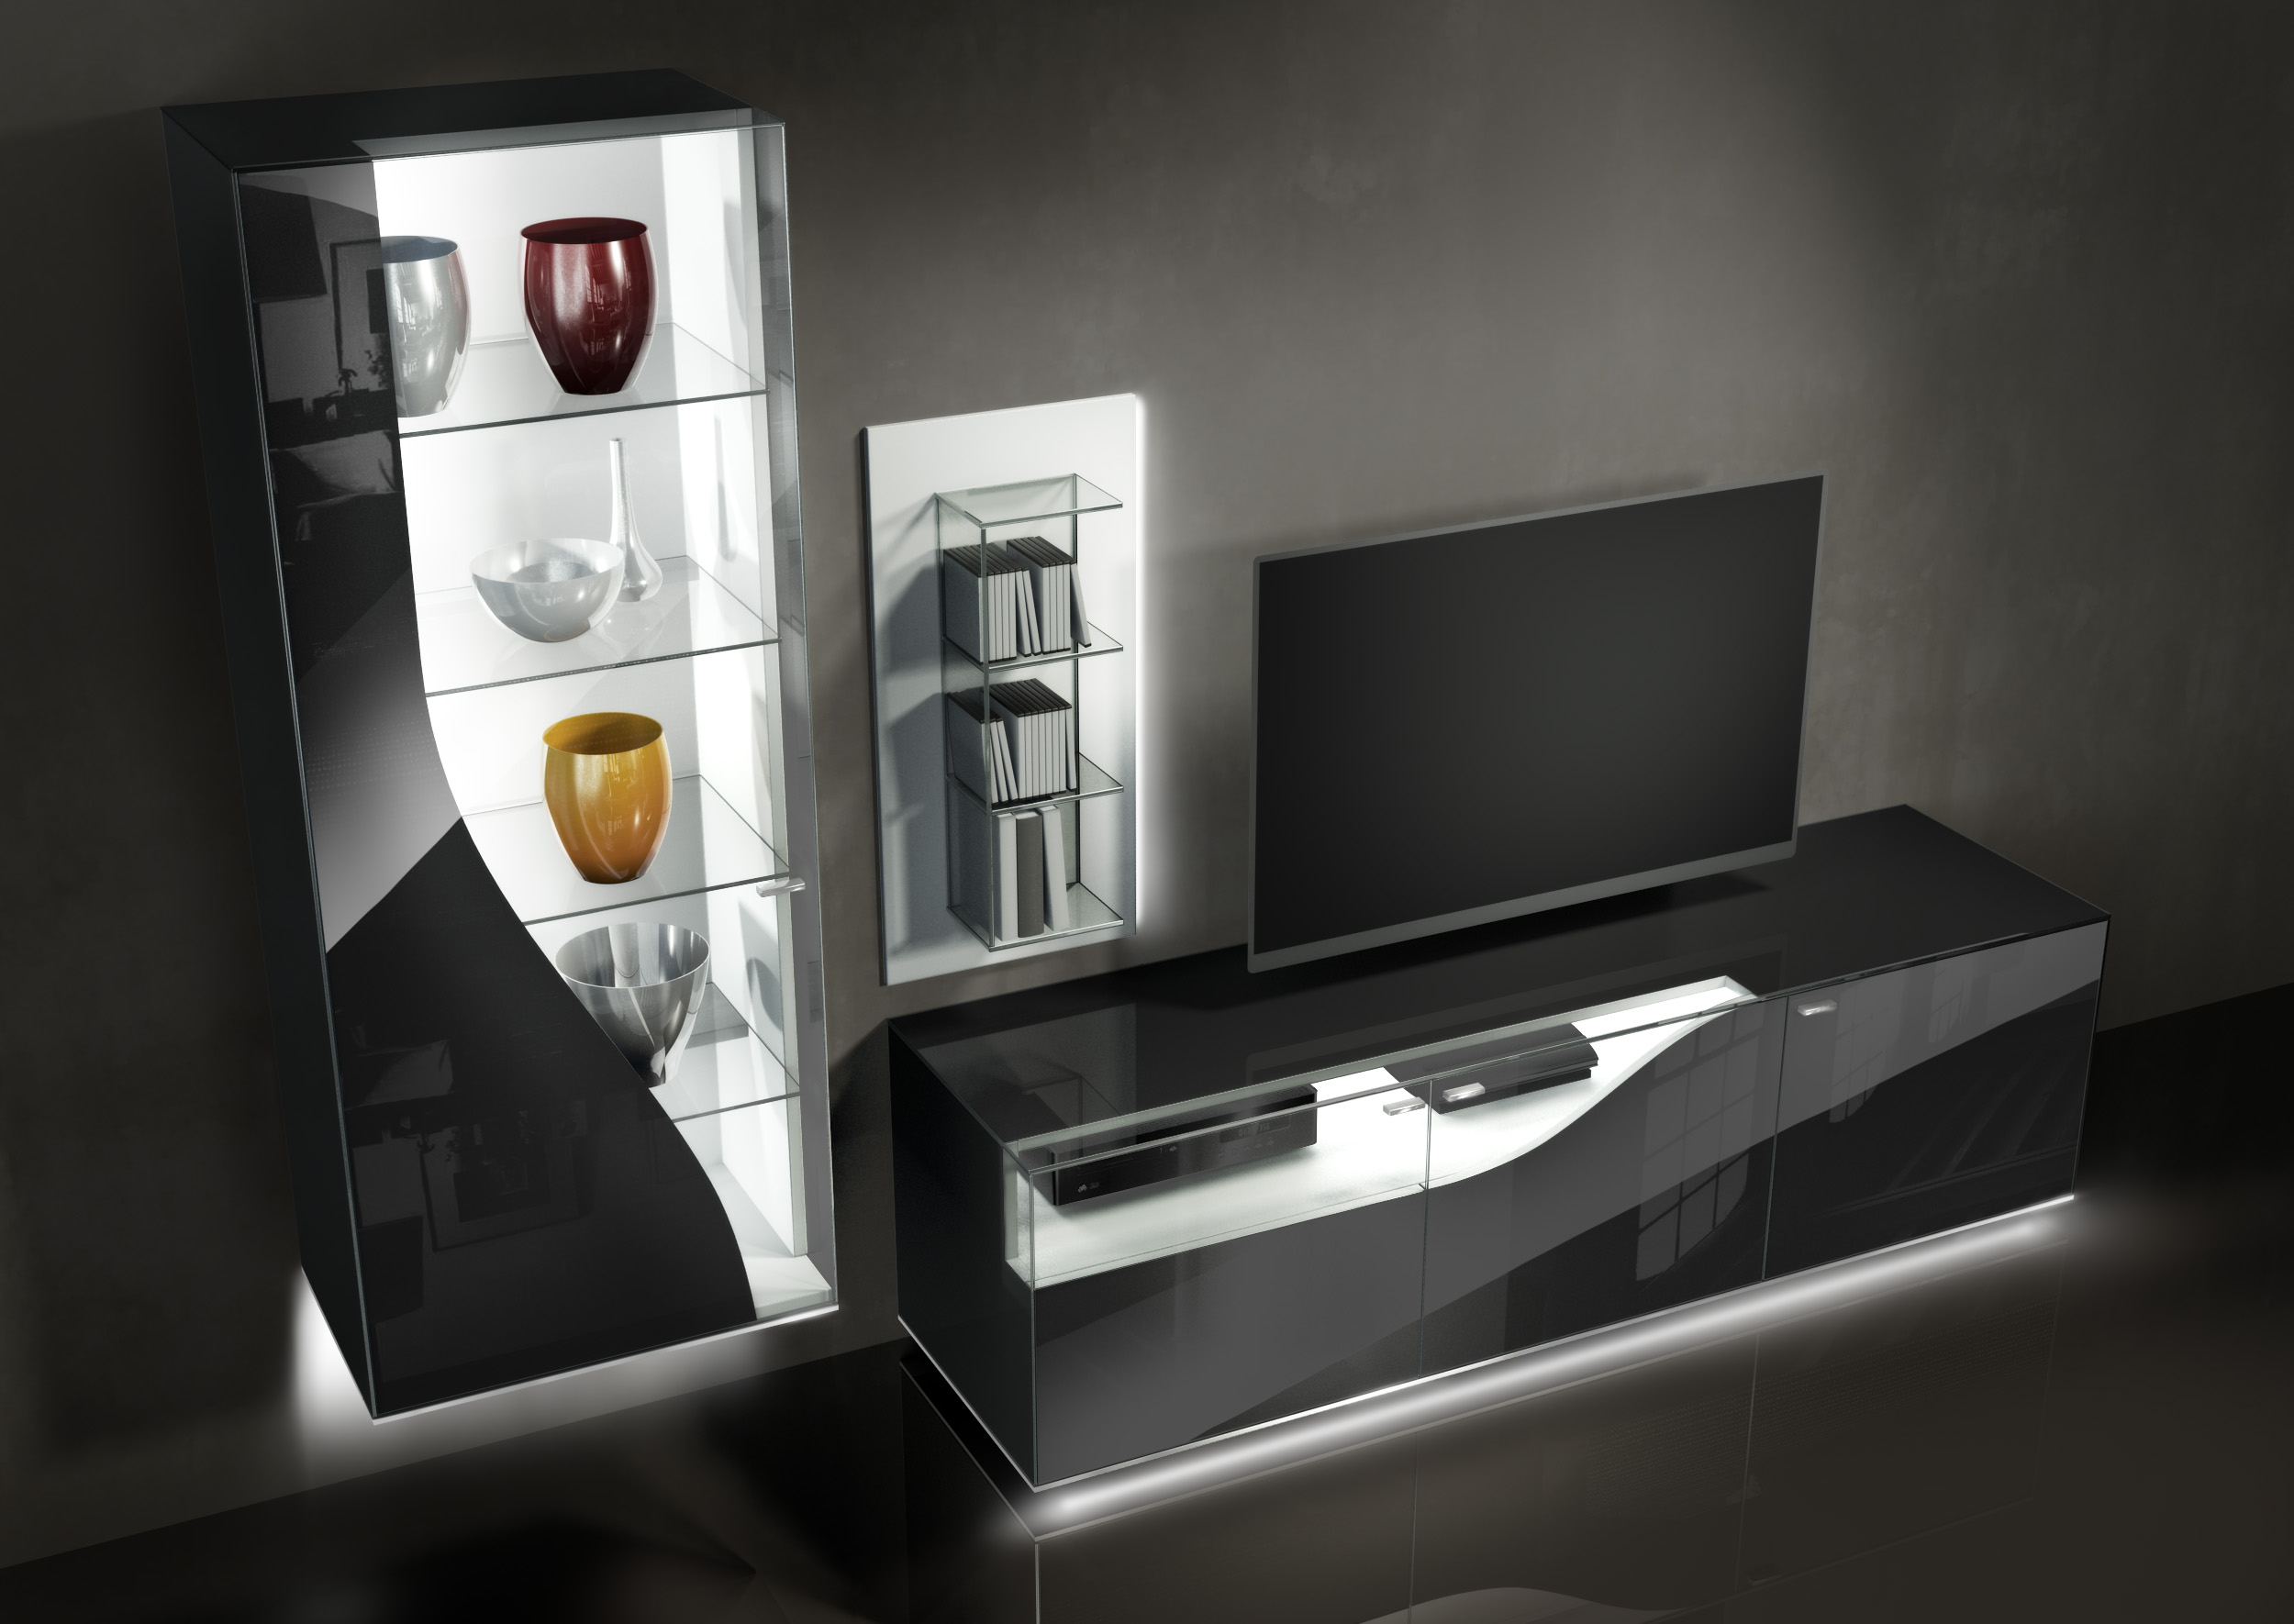 81 wohnzimmerschrank leonardo wohnwand in weiss. Black Bedroom Furniture Sets. Home Design Ideas